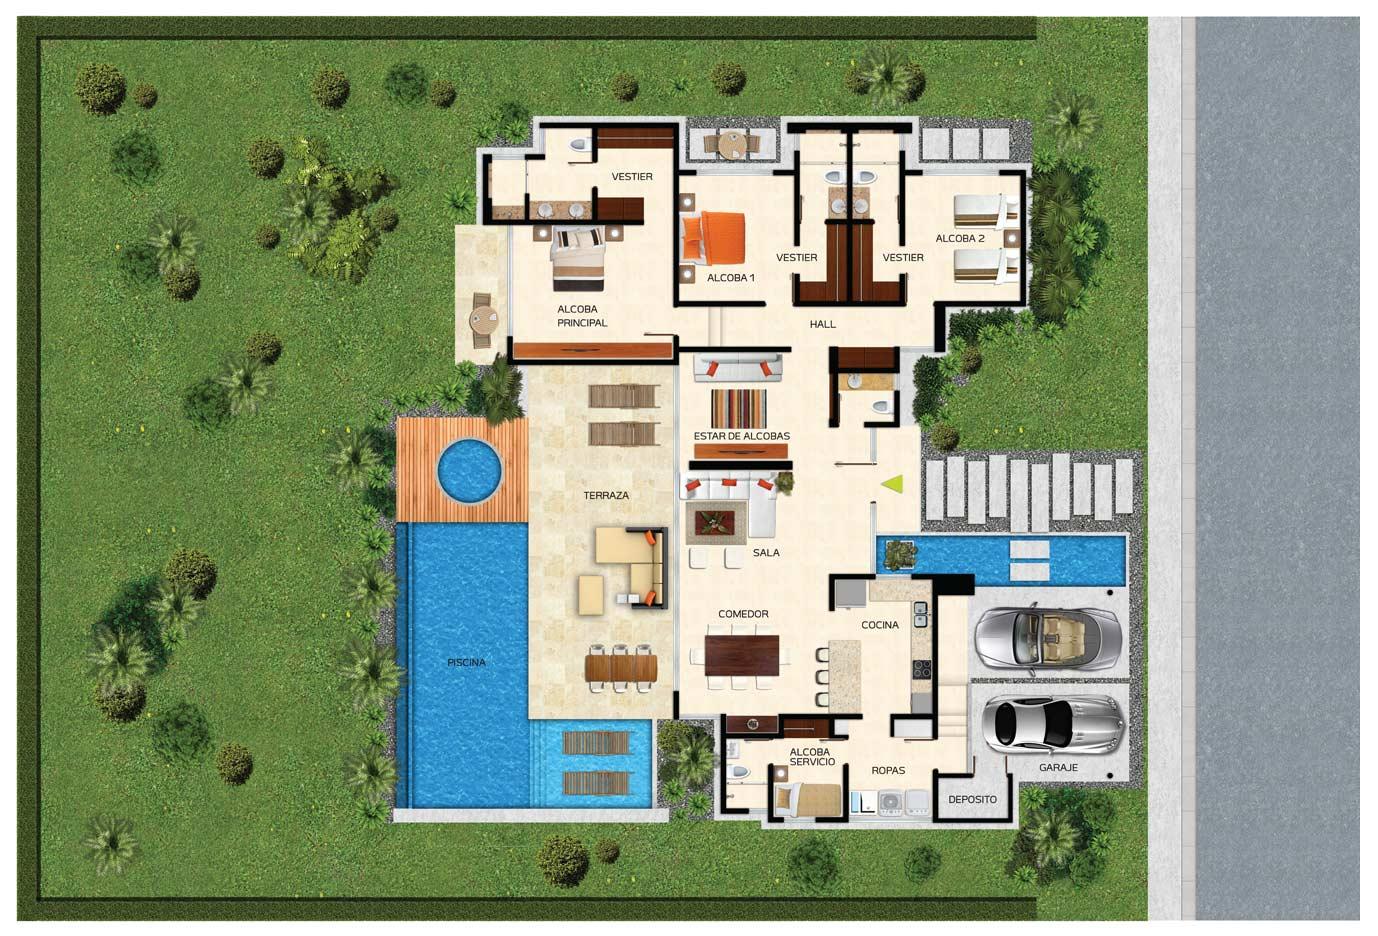 Planta de casa de campo plano de casa para construir en for Planos de casas de campo modernas